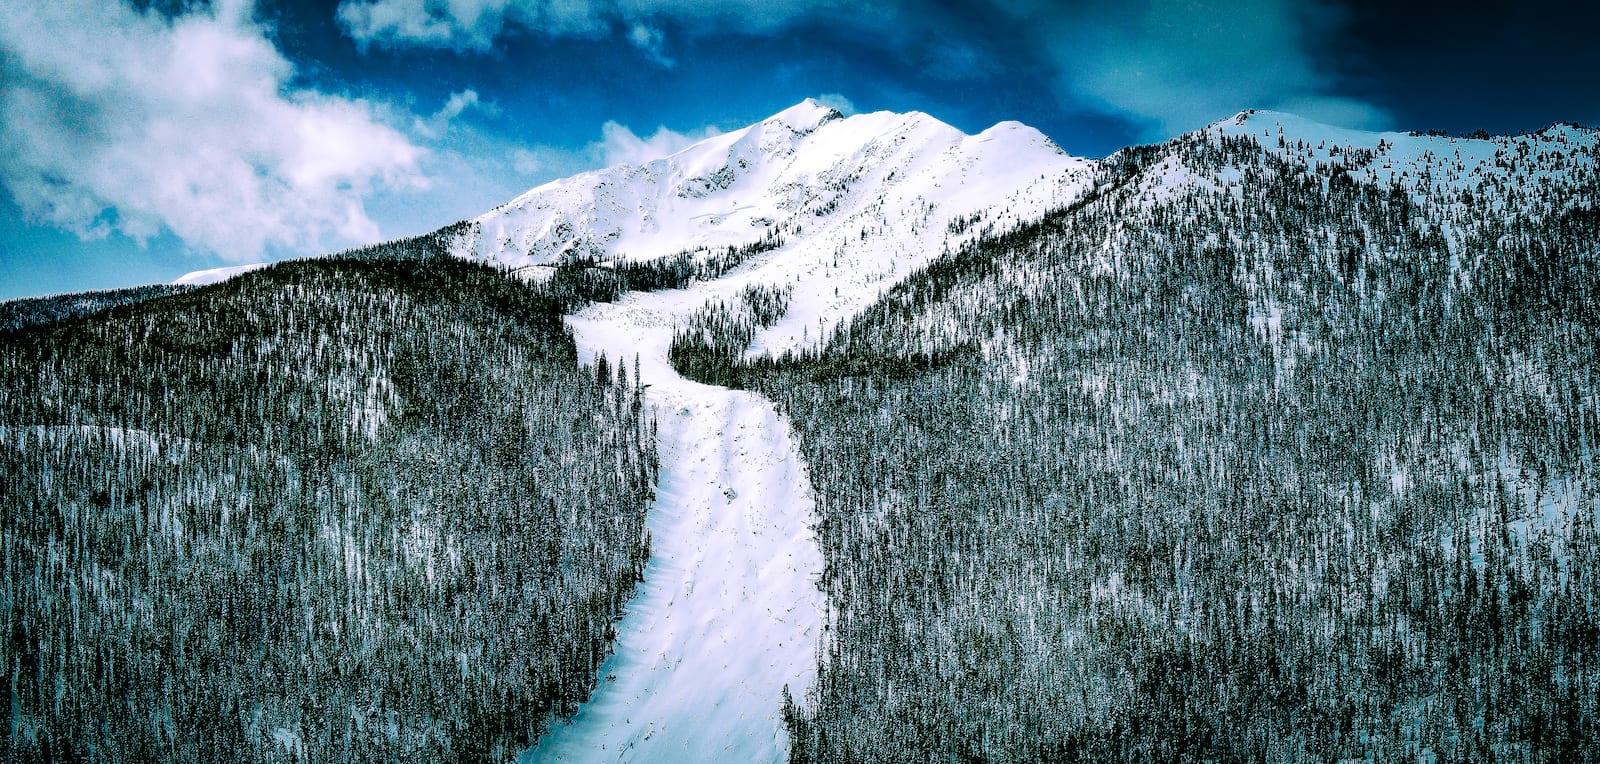 Silent Bob Avalanche Frisco Colorado 2019